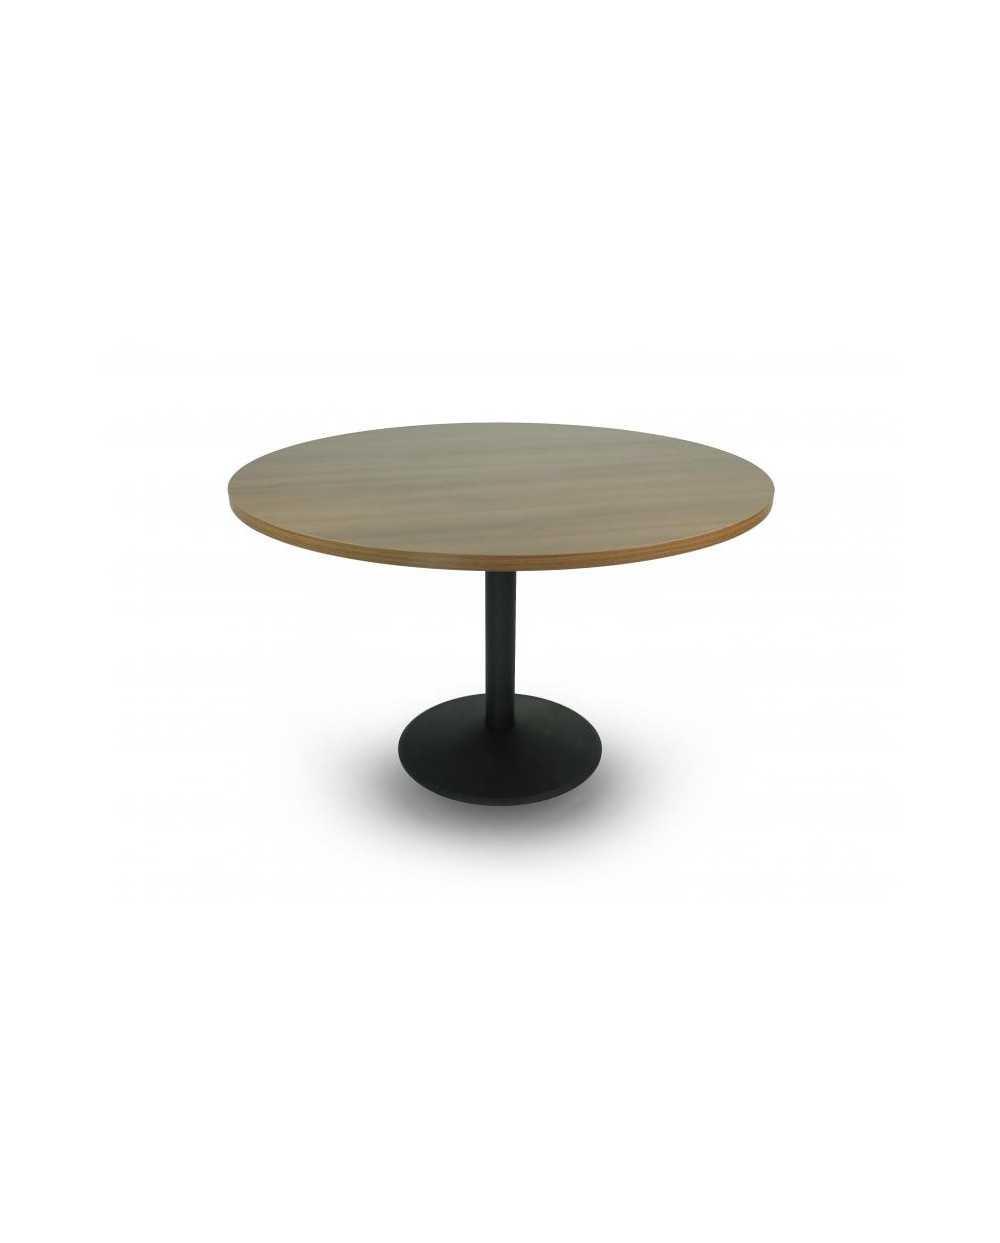 Table, ronde Æ 120 cm x 75,5 cm (hauteur), avec pied central, noyer.